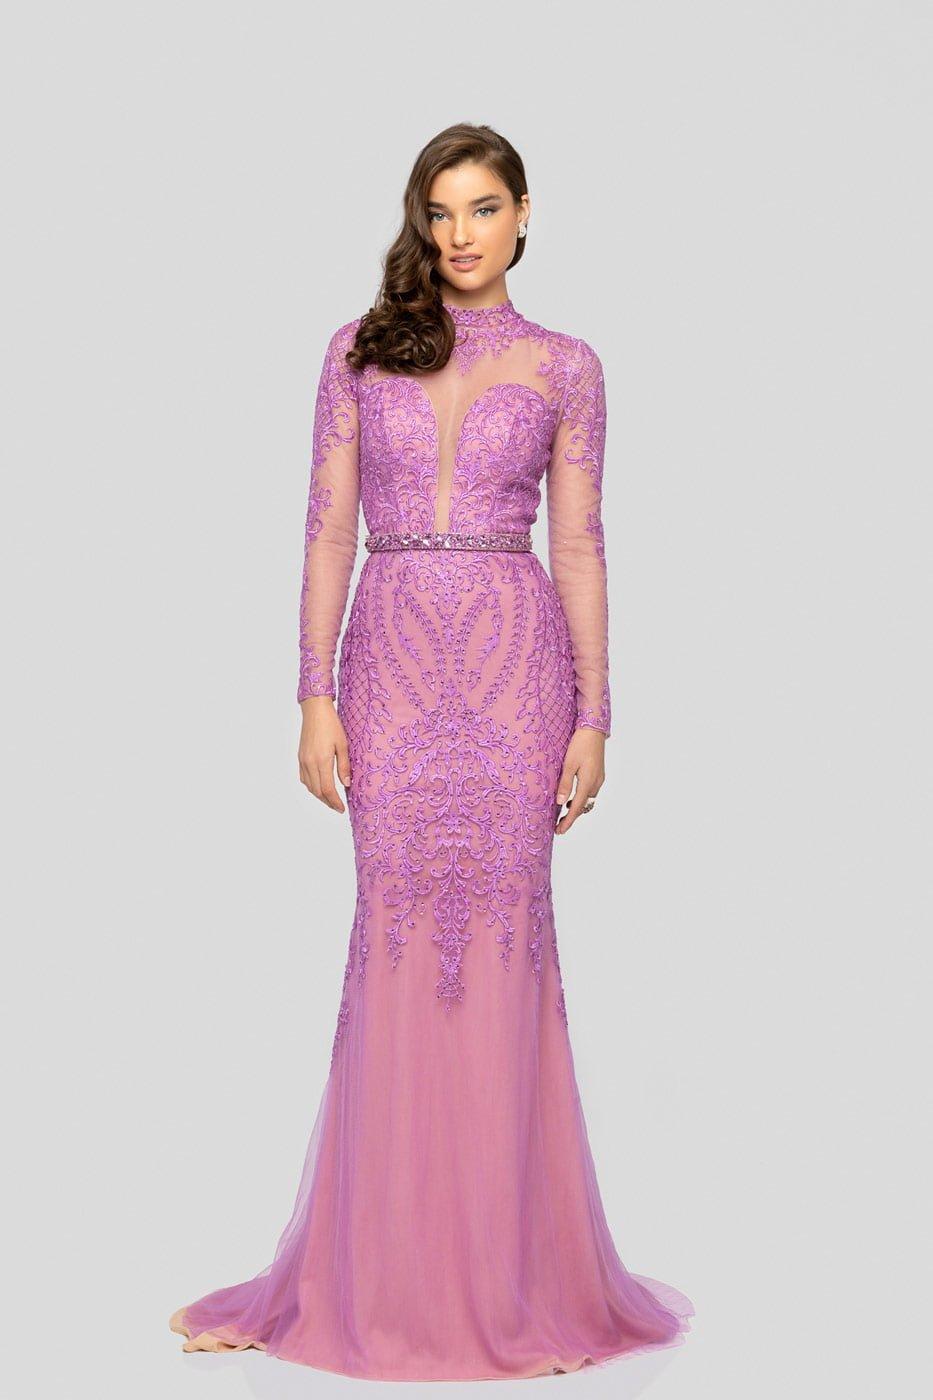 The gala event dress – Terani thumbnail